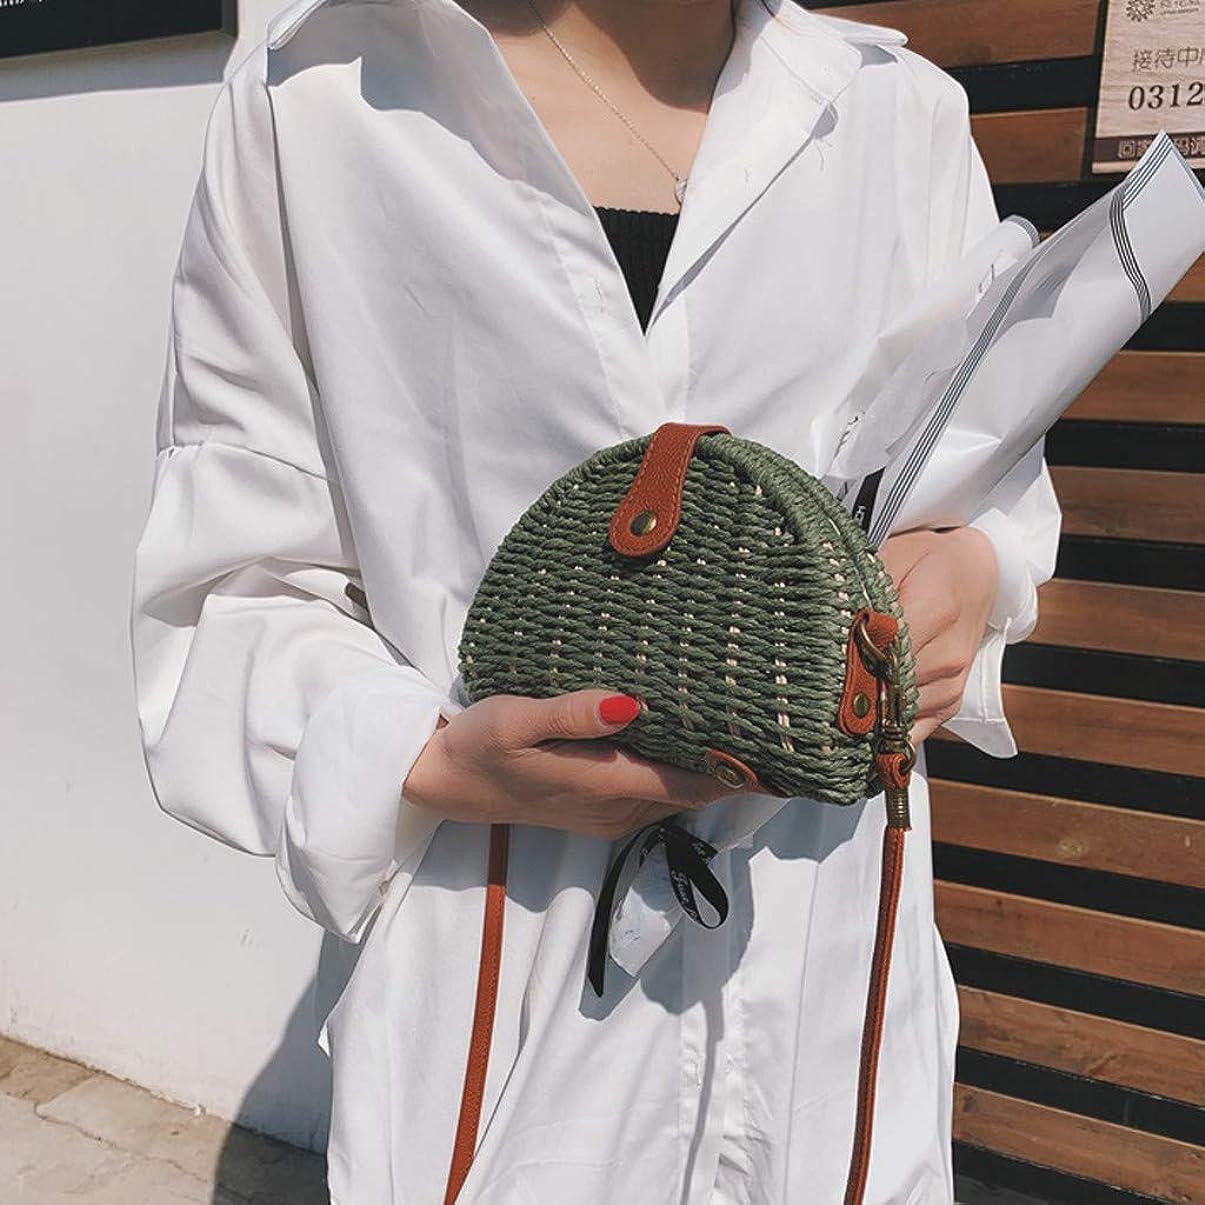 代わって容器メロドラマ女性ミニ織りビーチショルダーバッグレディースボヘミアンスタイルレジャーハンドバッグ、女性のミニ織クロスボディバッグ、レディースミニファッションビーチスタイルクロスボディバッグ (緑)